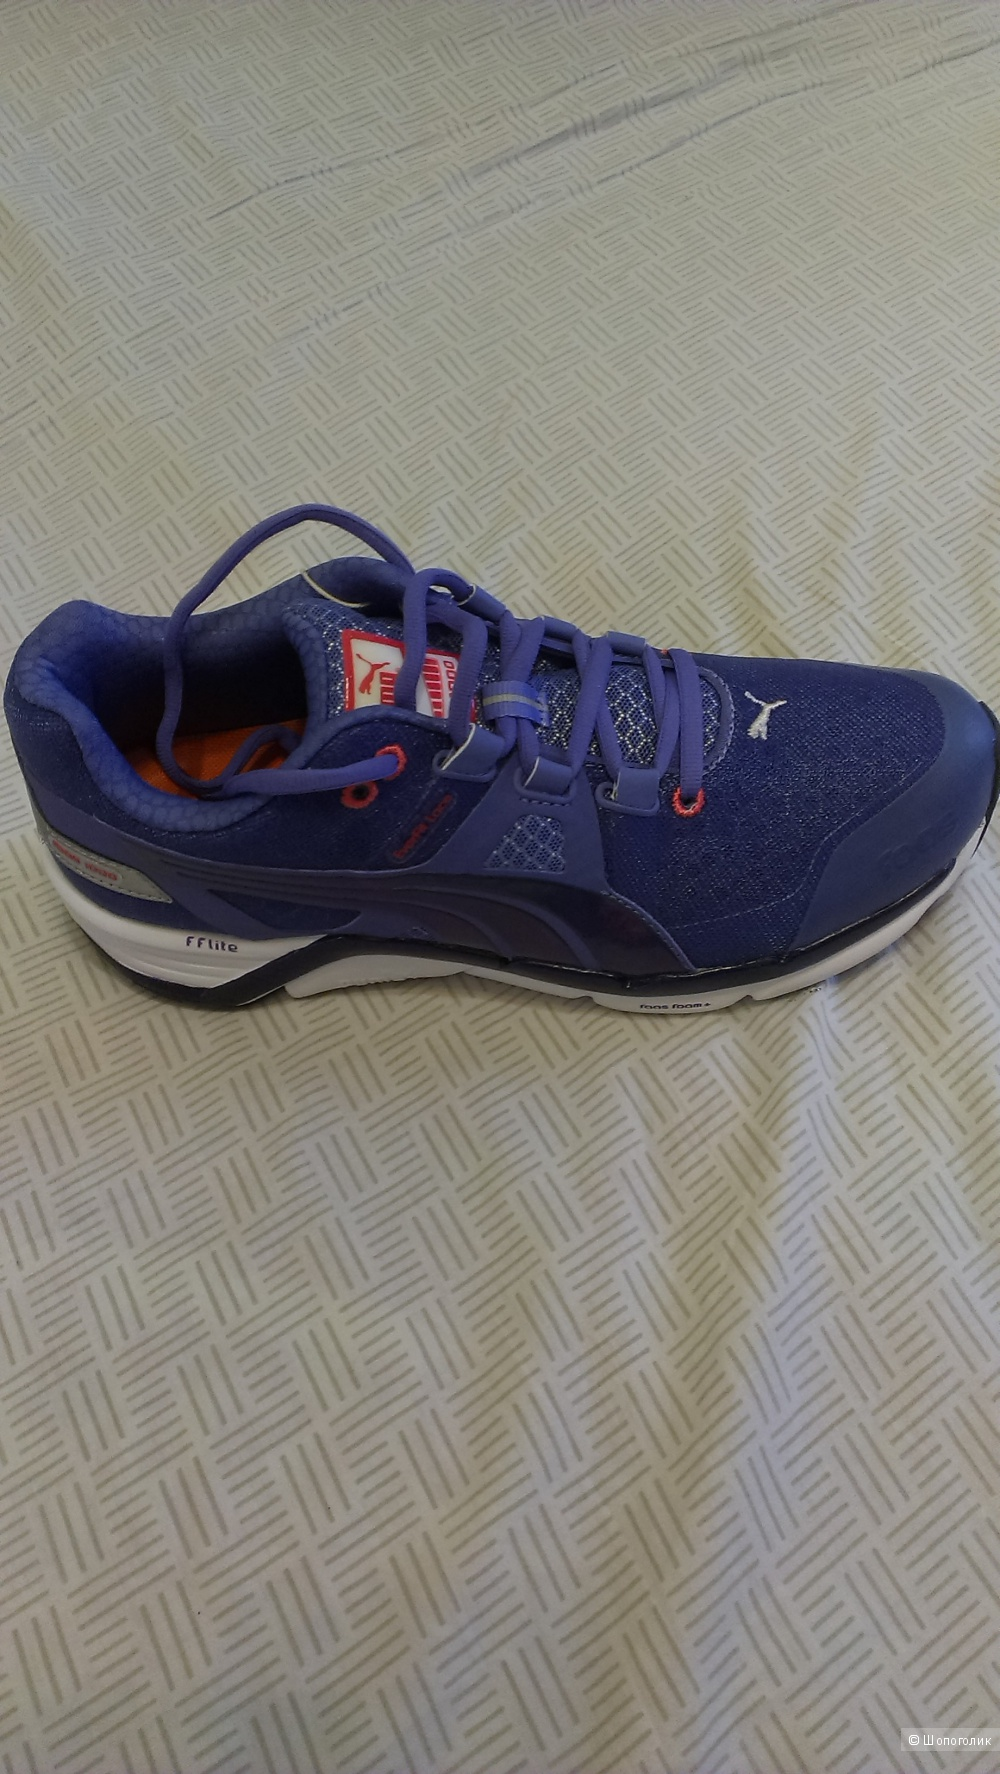 Новые легкие и удобные кроссовки PUMA